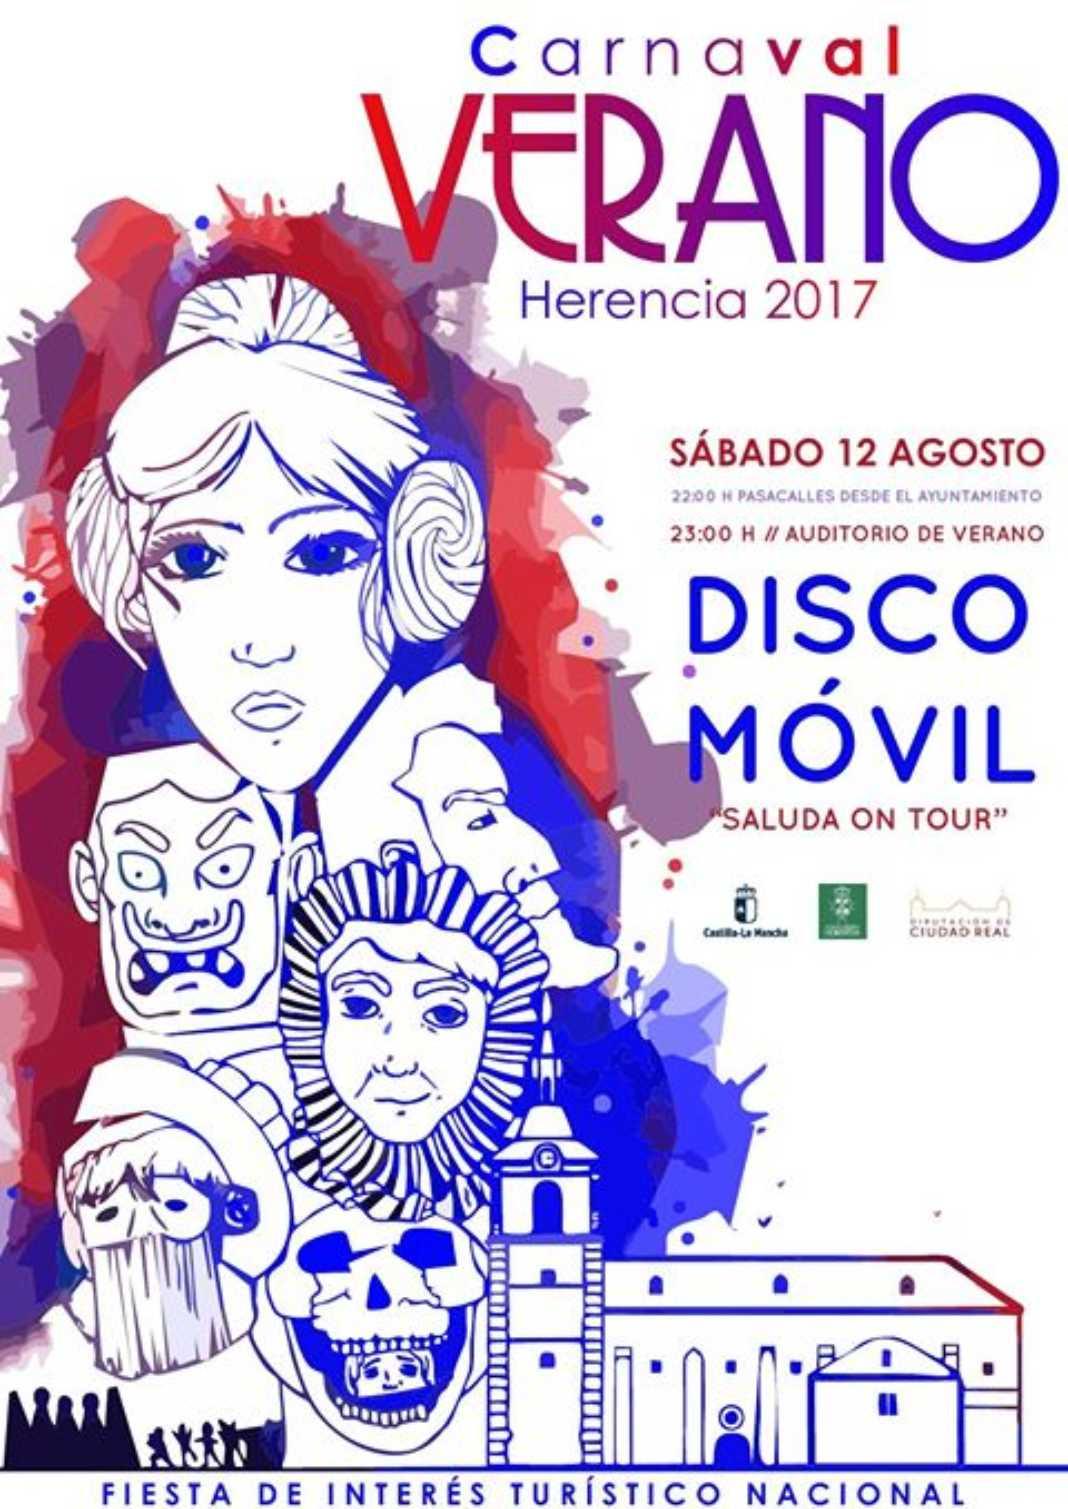 Herencia celebrará su carnaval de verano el 12 de agosto 7